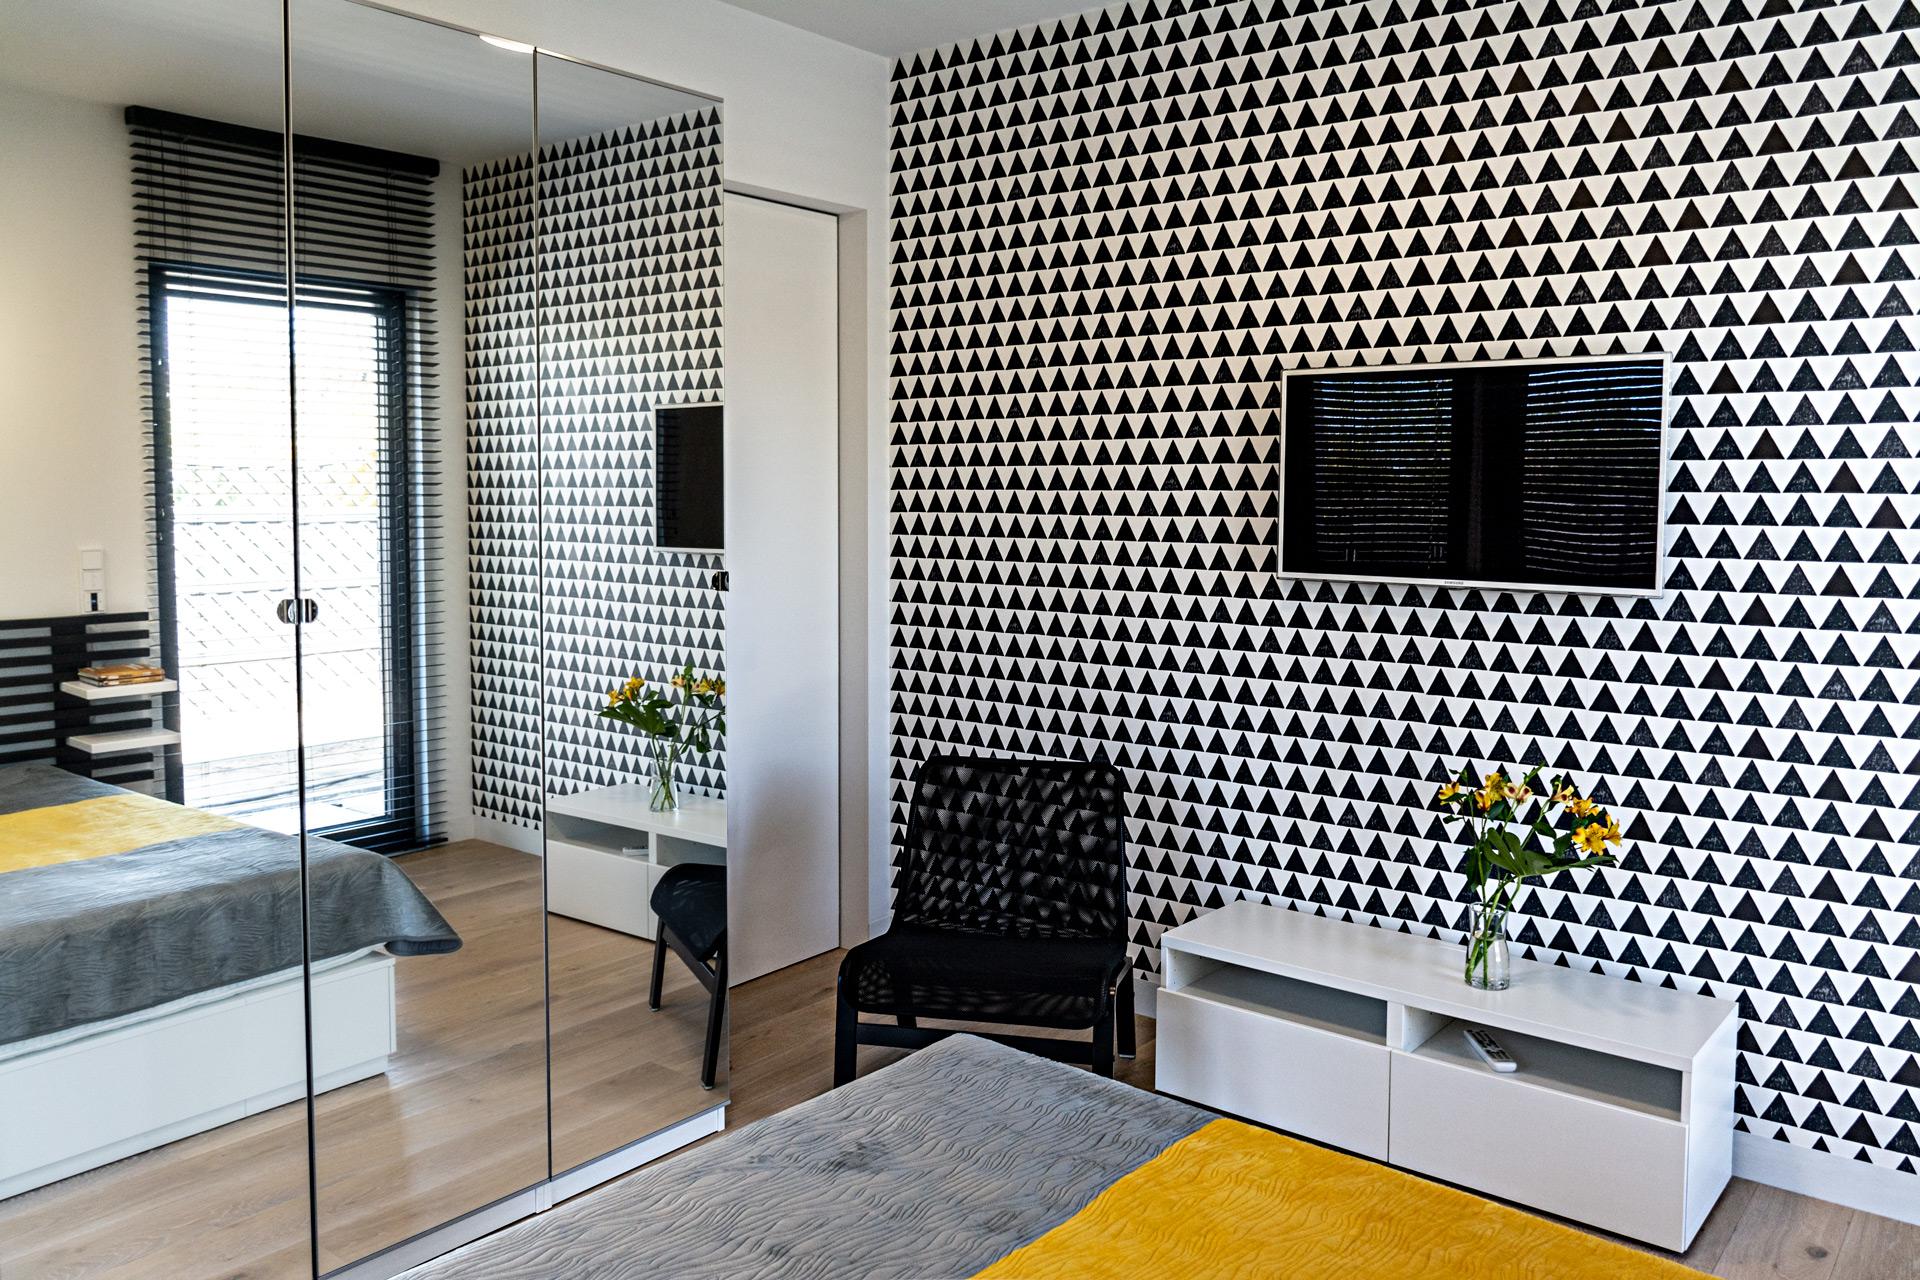 Ściana z tapetą to mocny, graficzny akcent, który nadaje charakteru.  Szafy z lustrzanymi frontami są pojemne i optycznie powiększają przestrzeń.